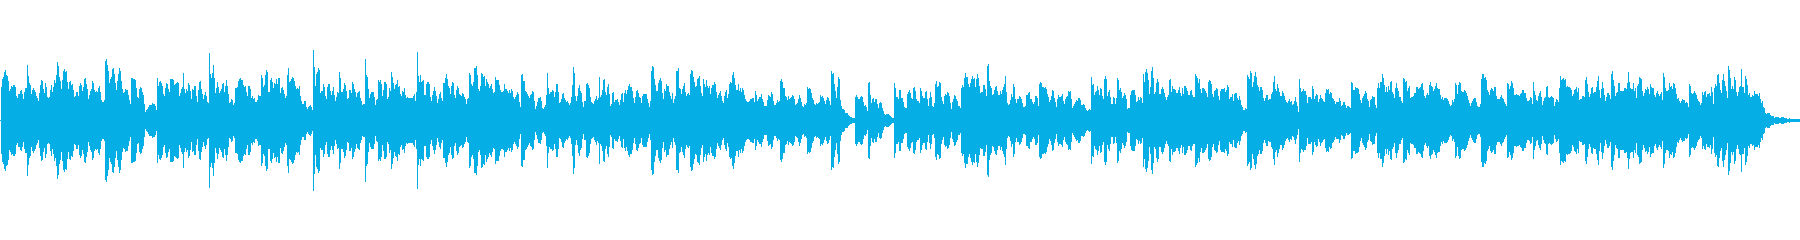 ゆっくりで暖かい安らぐオルゴールの曲の再生済みの波形